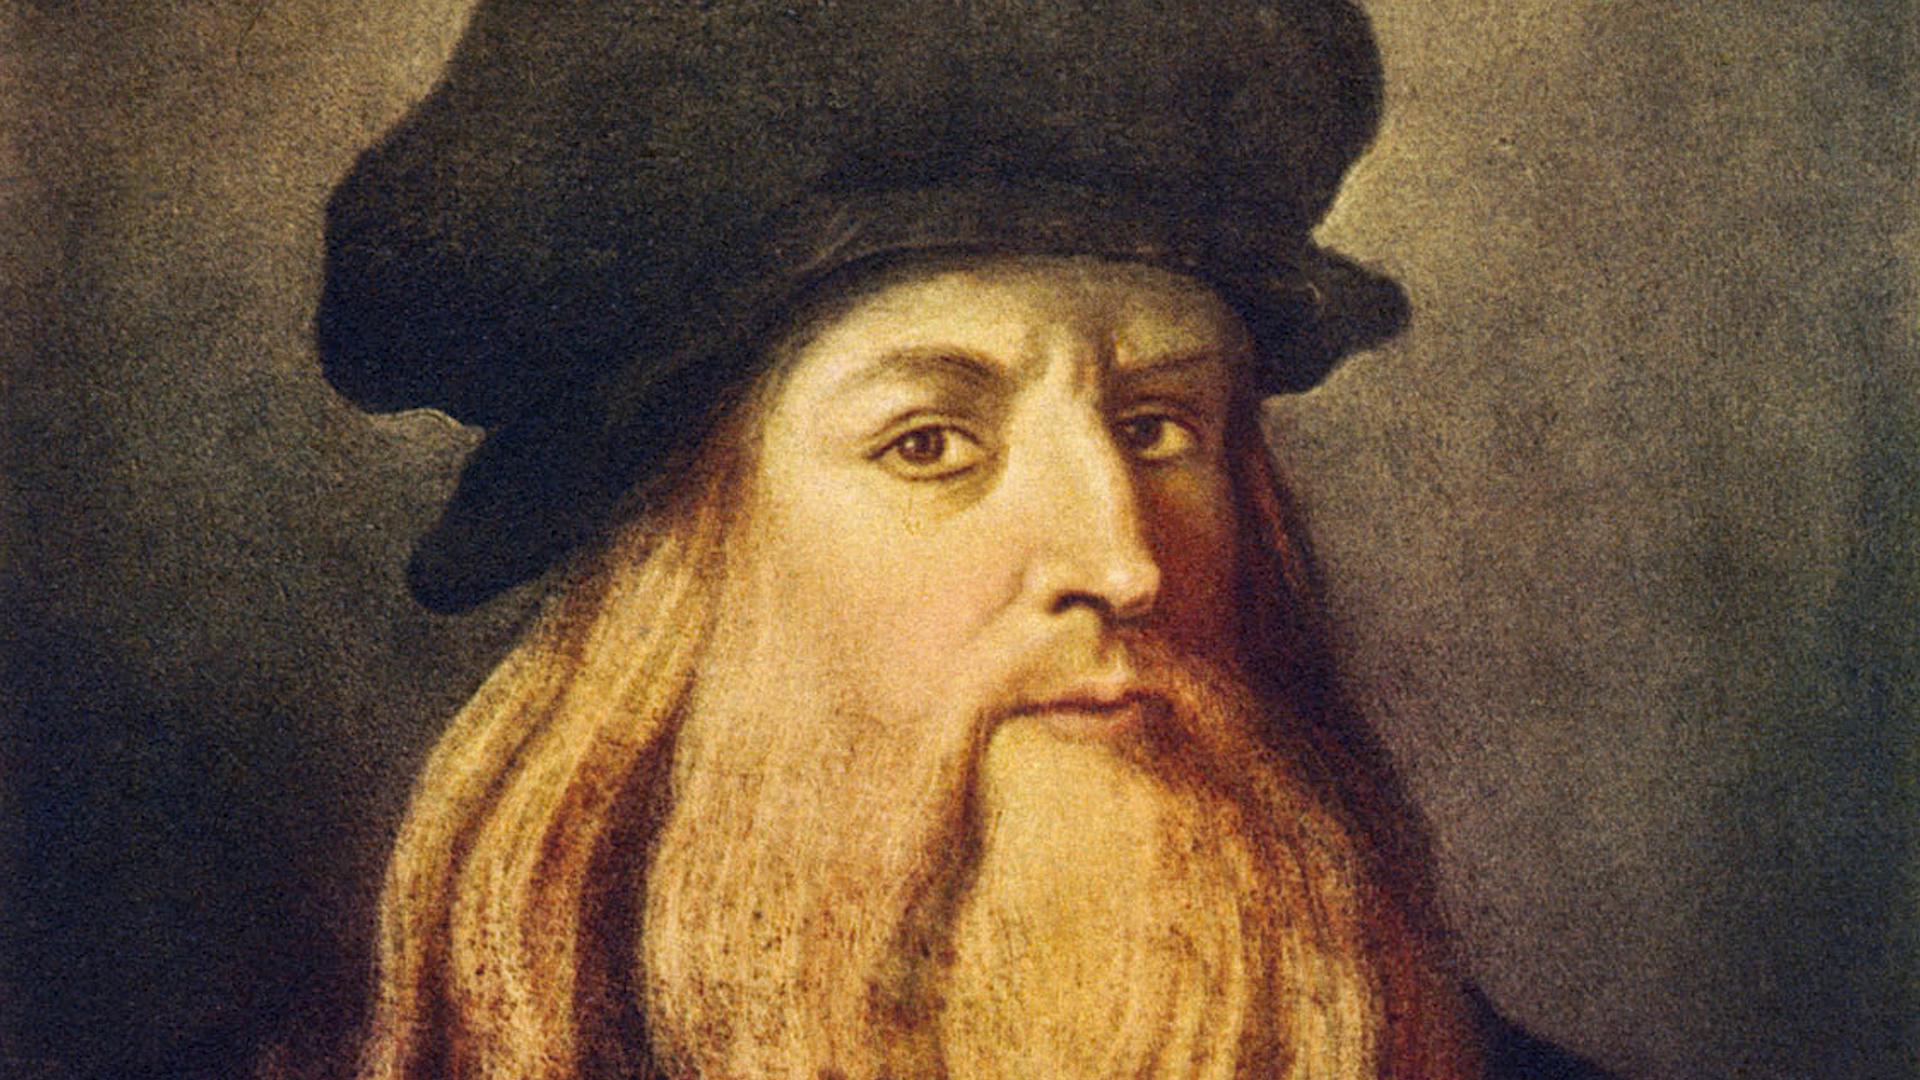 The Common Link Between Creative Geniuses